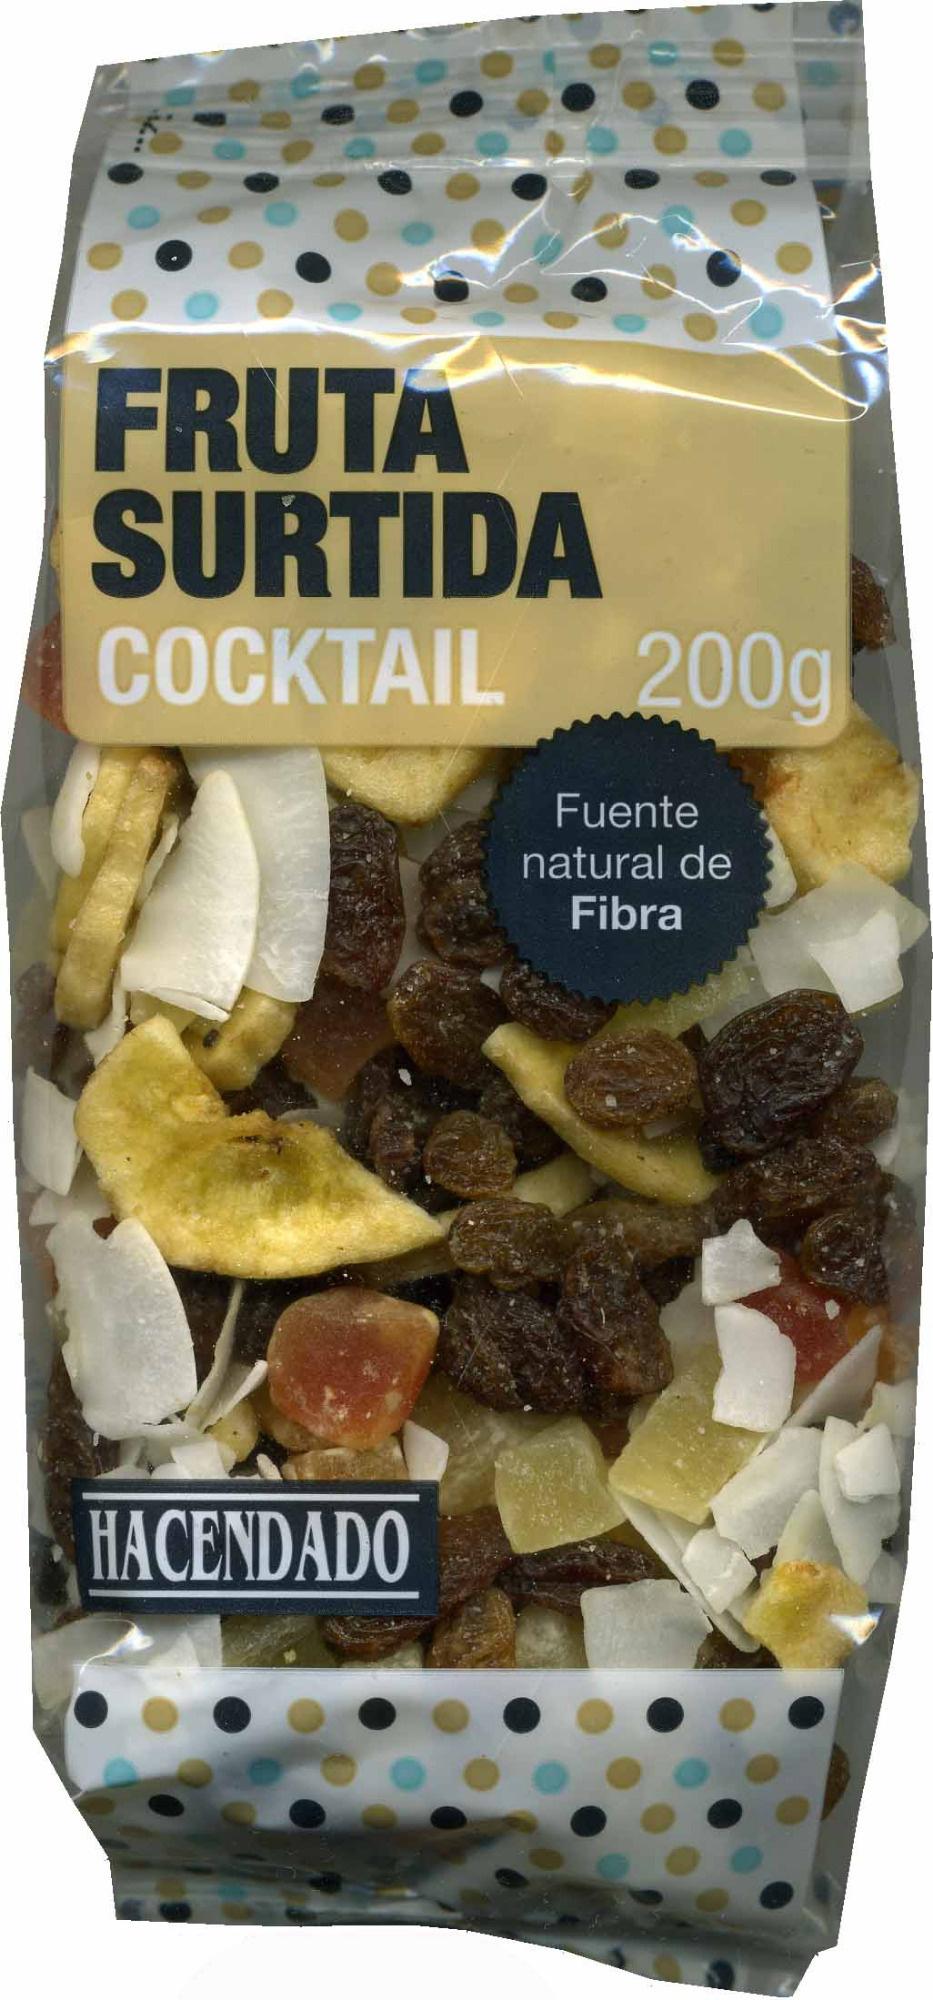 Fruta surtida deshidratada - Producte